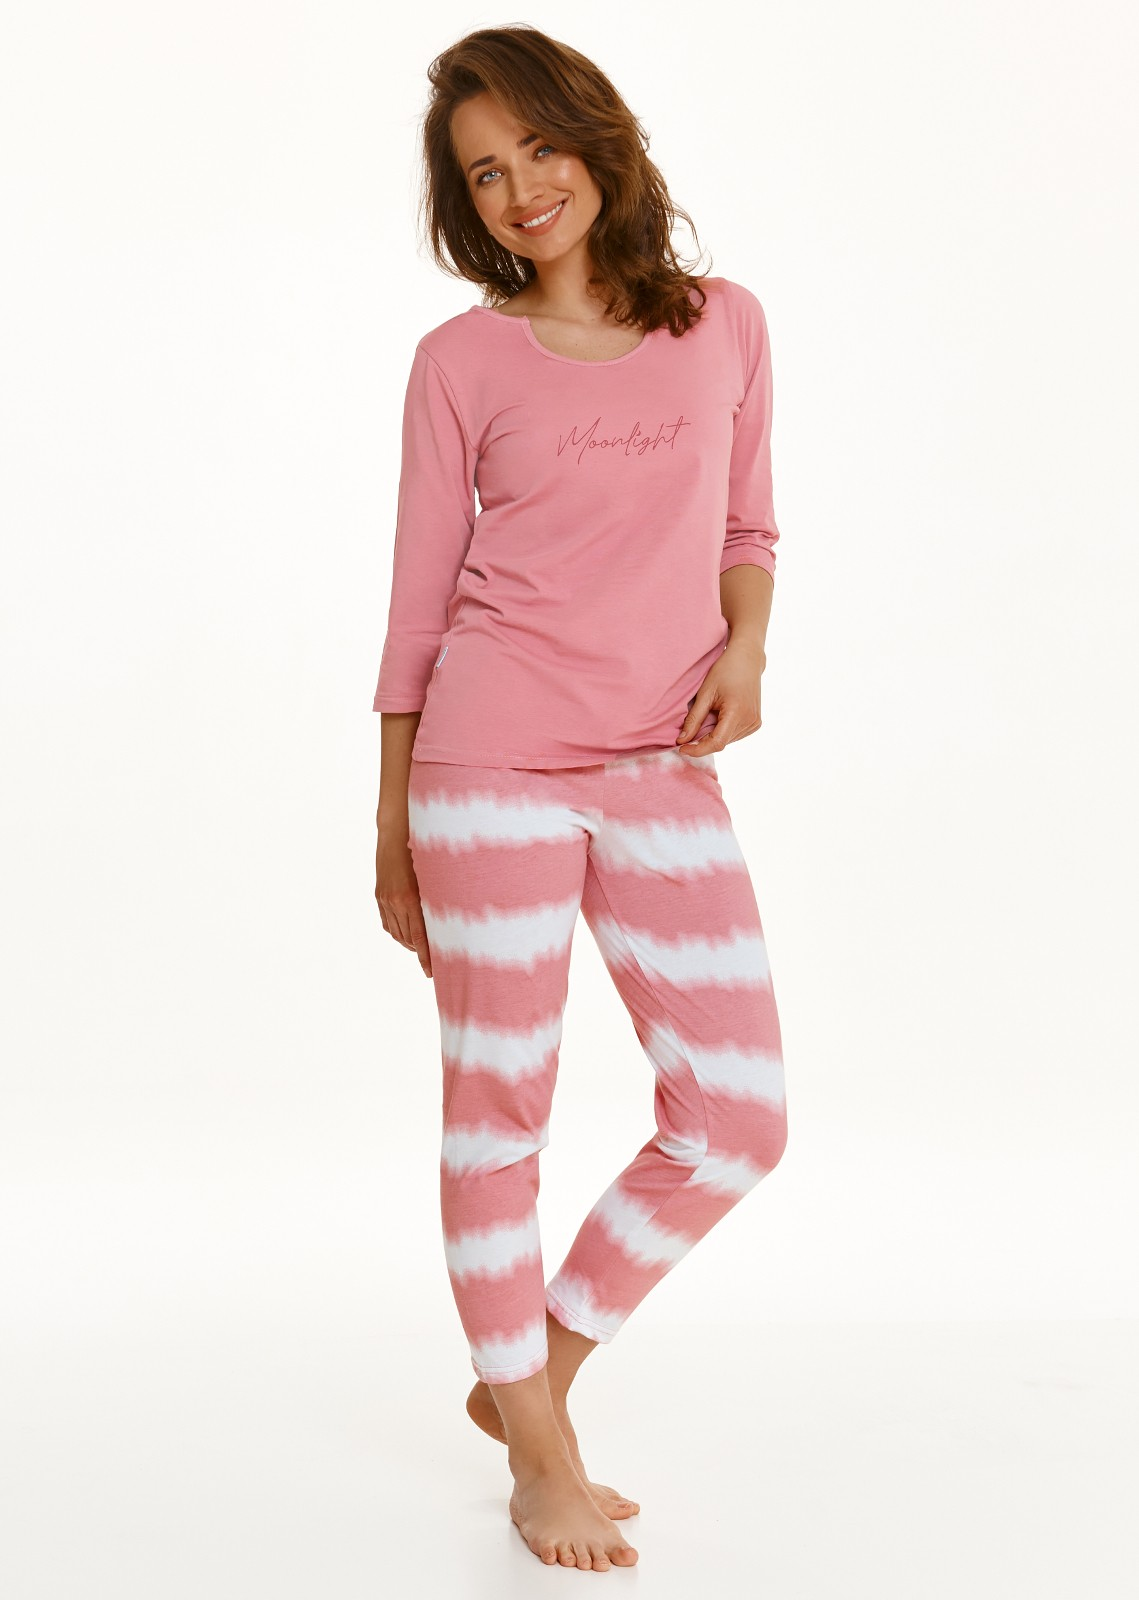 Dámske pyžamo Taro Carla 2567 DL / r S-XL Z'22 miętowy XL